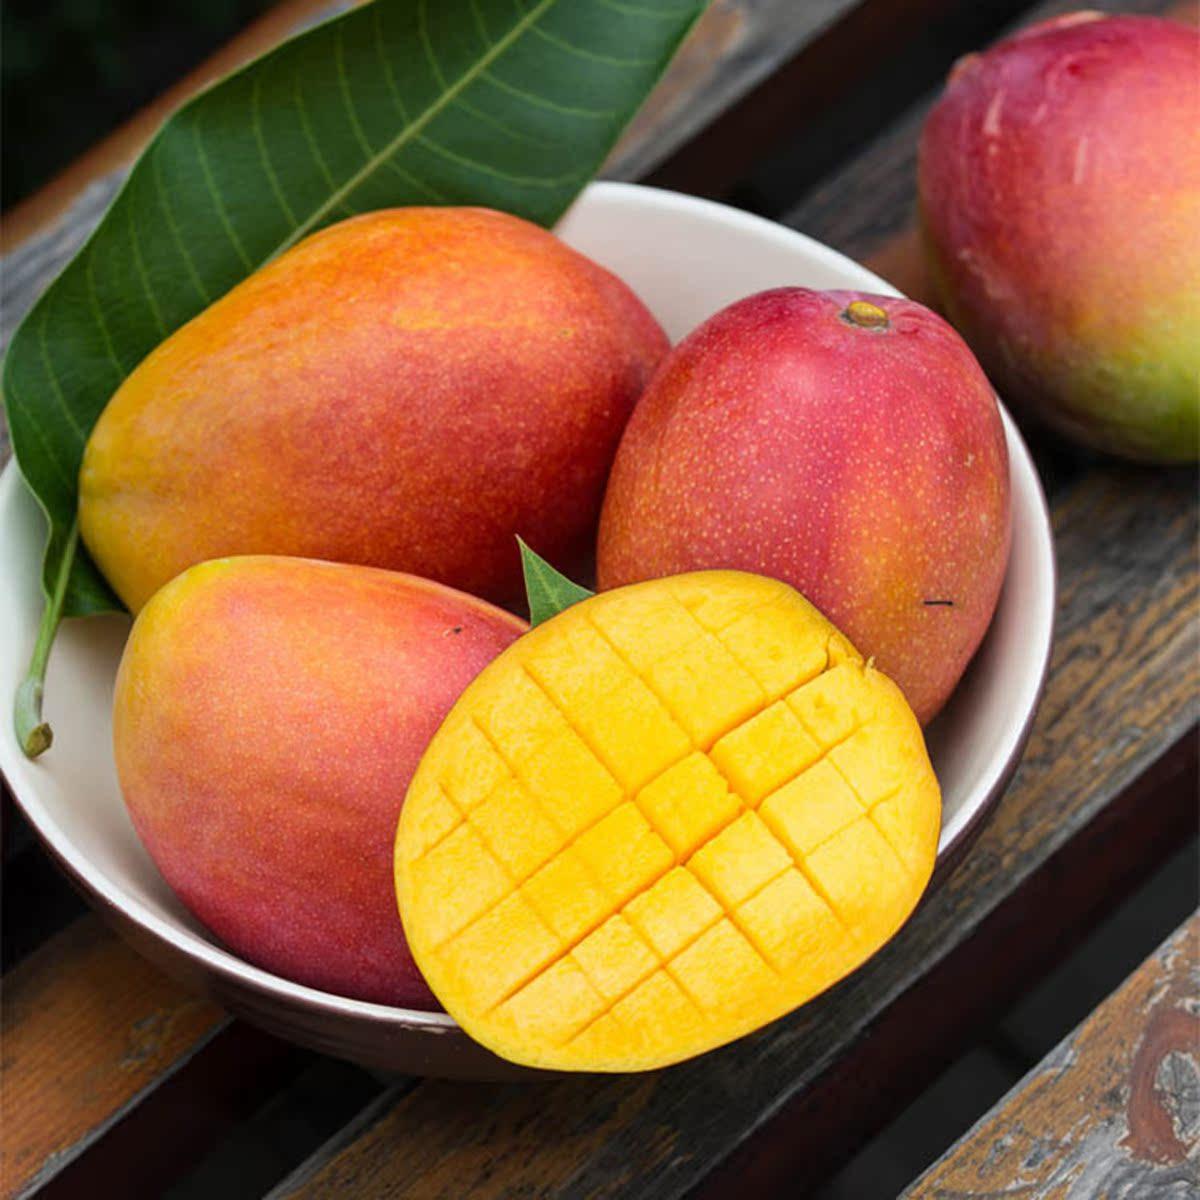 四川吉禄芒果 热带新鲜水果 现采现摘  净含量5斤装 包邮